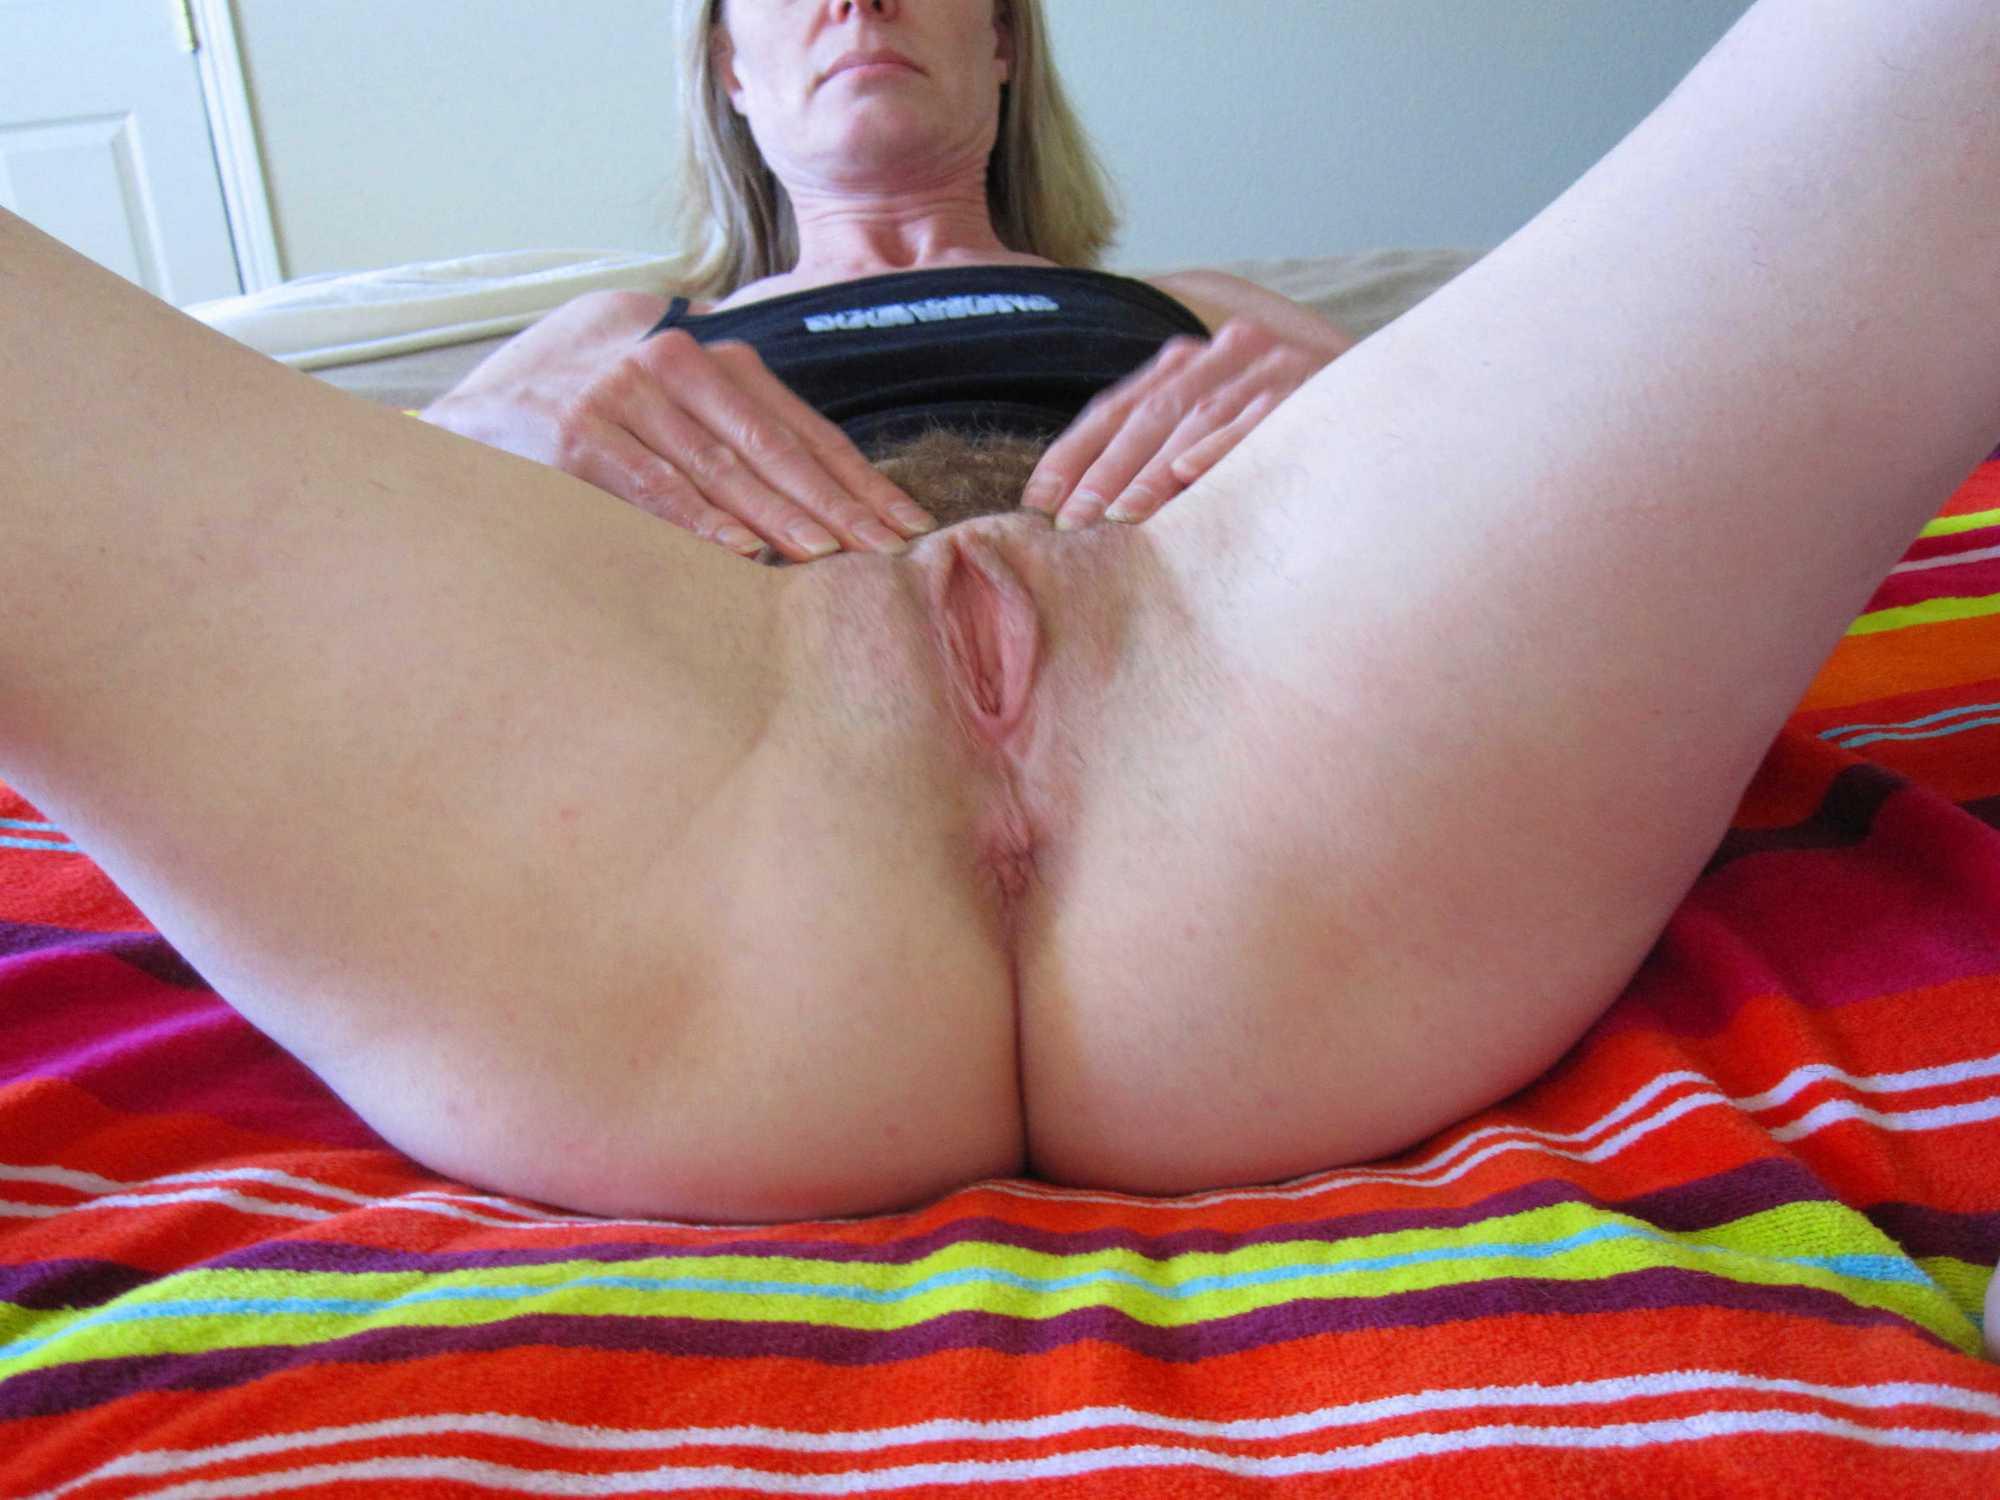 В койке зрелая пошлячка бахвалится лохматой писькой секс фото